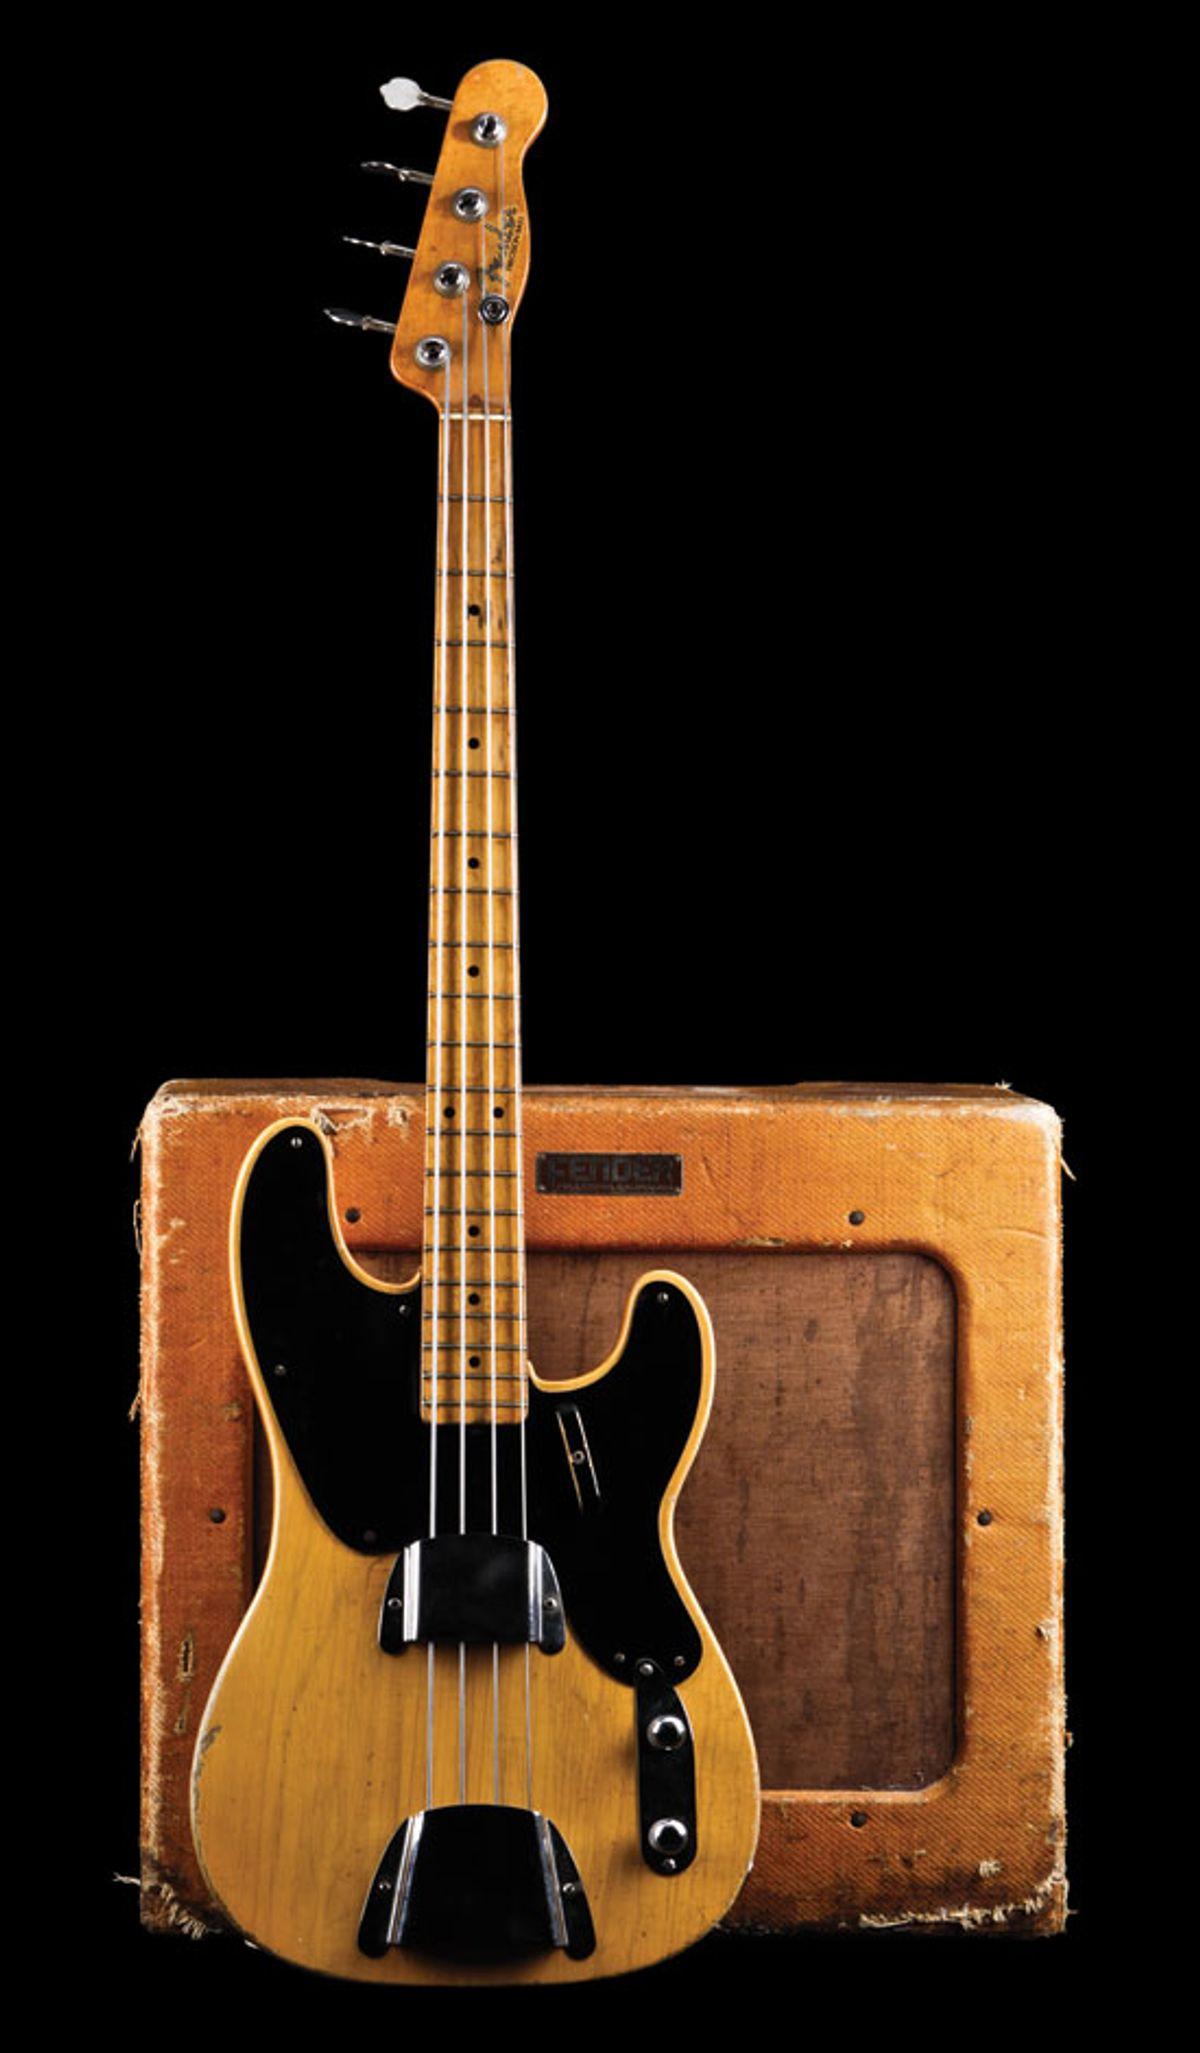 1952 Fender Precision Bass